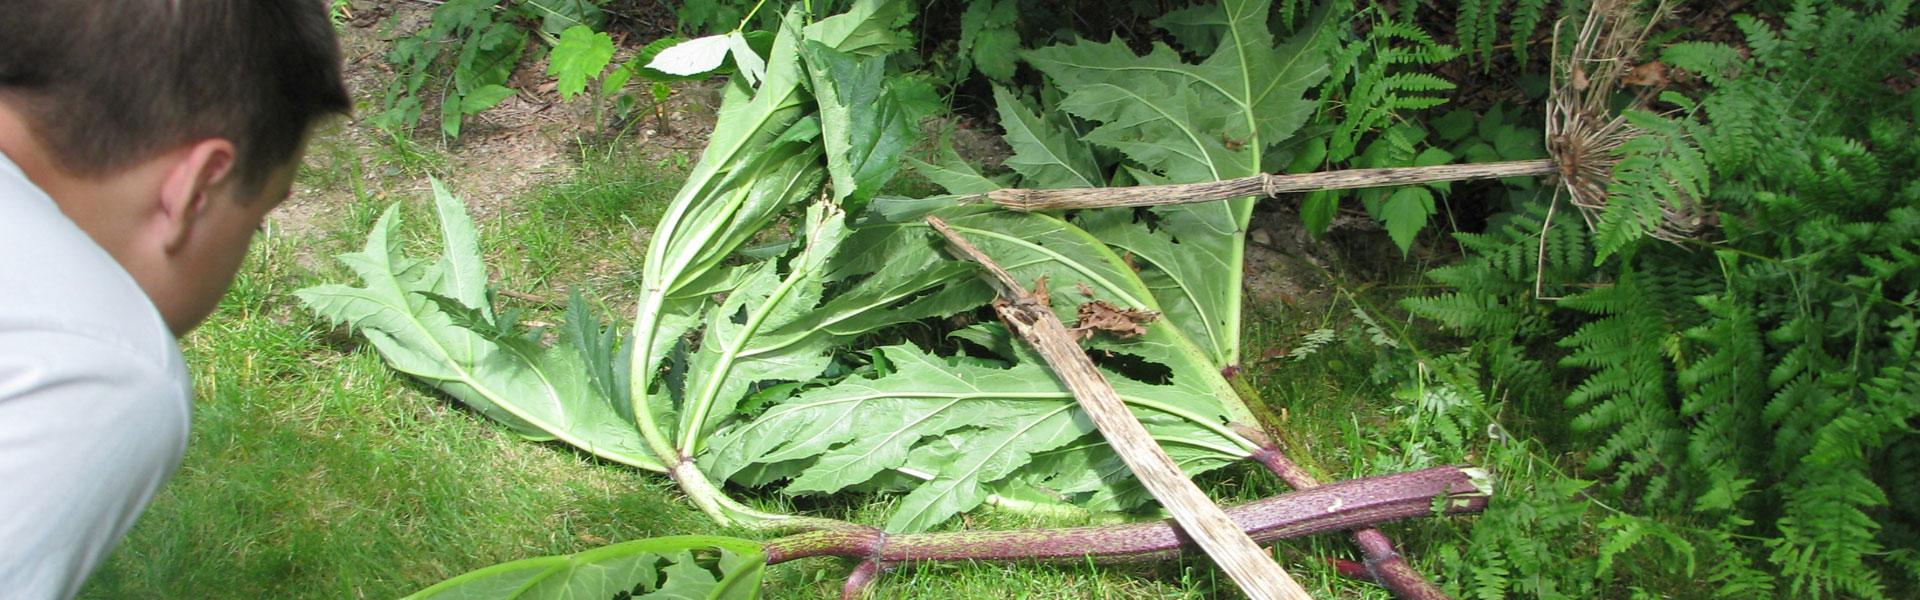 Giant-Hogweed-2008-032_photo